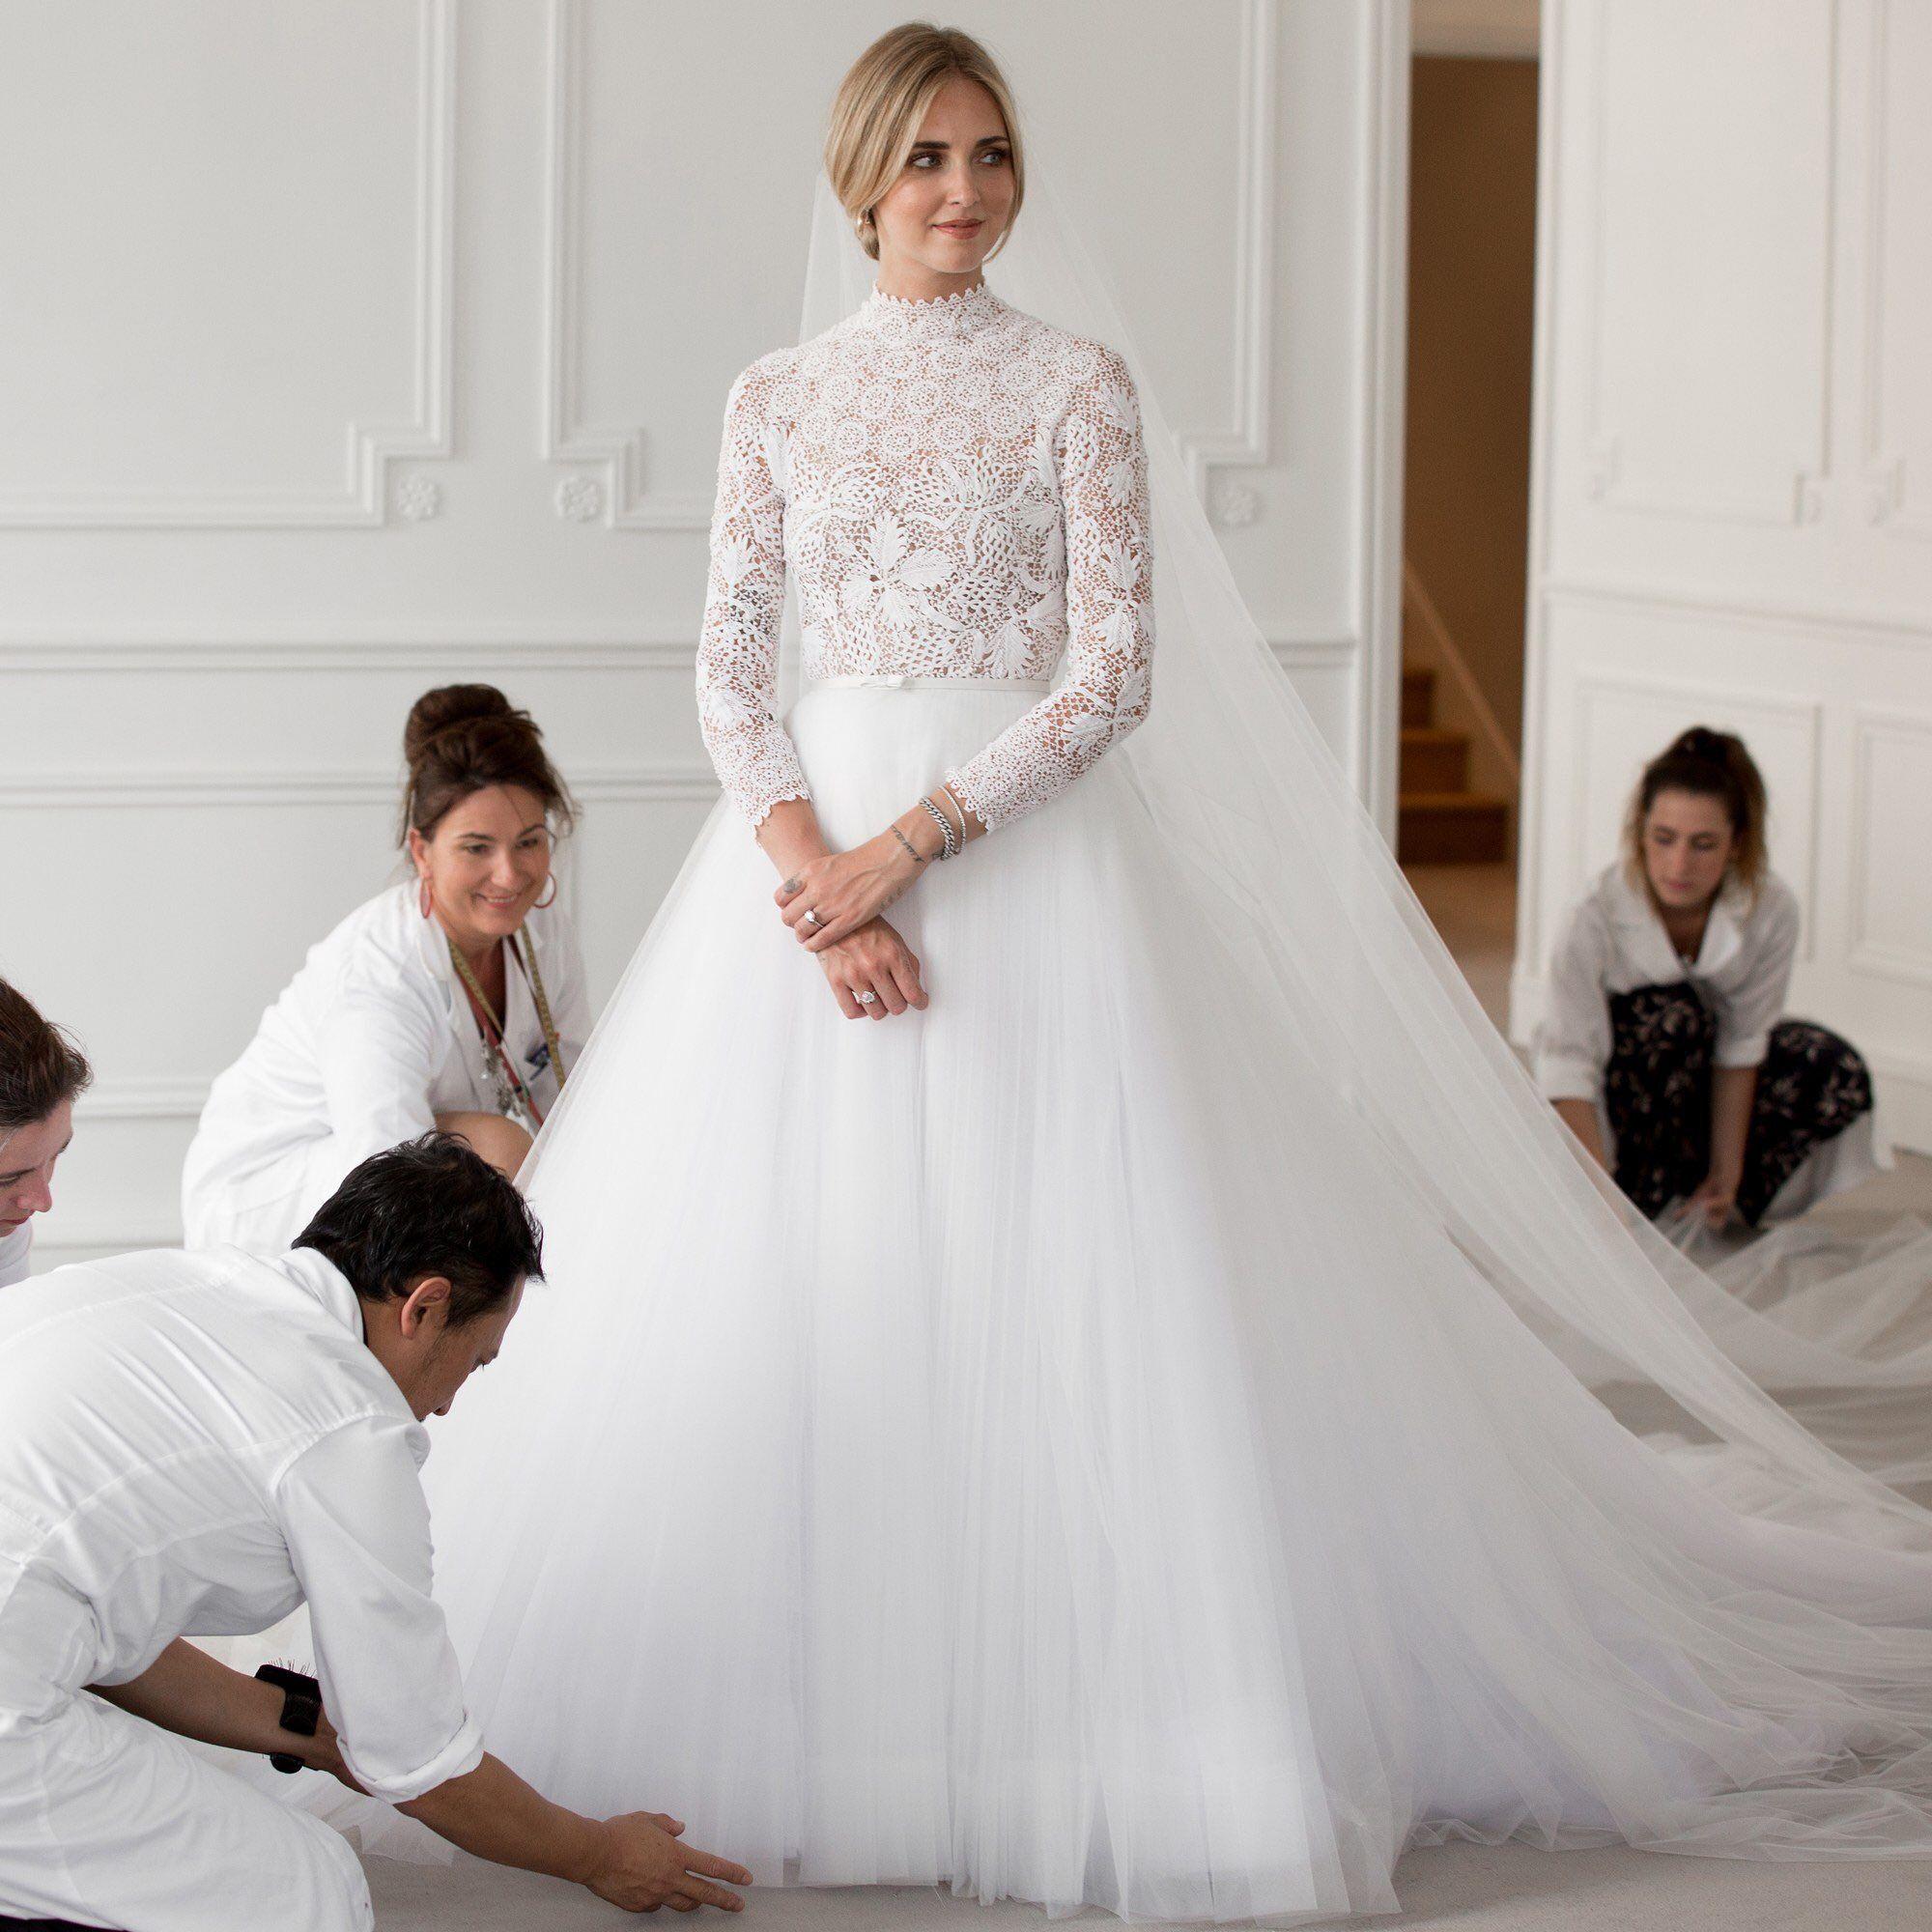 Dior wedding dresses  Chiara Ferragnius custom Dior wedding dress  Style  Pinterest